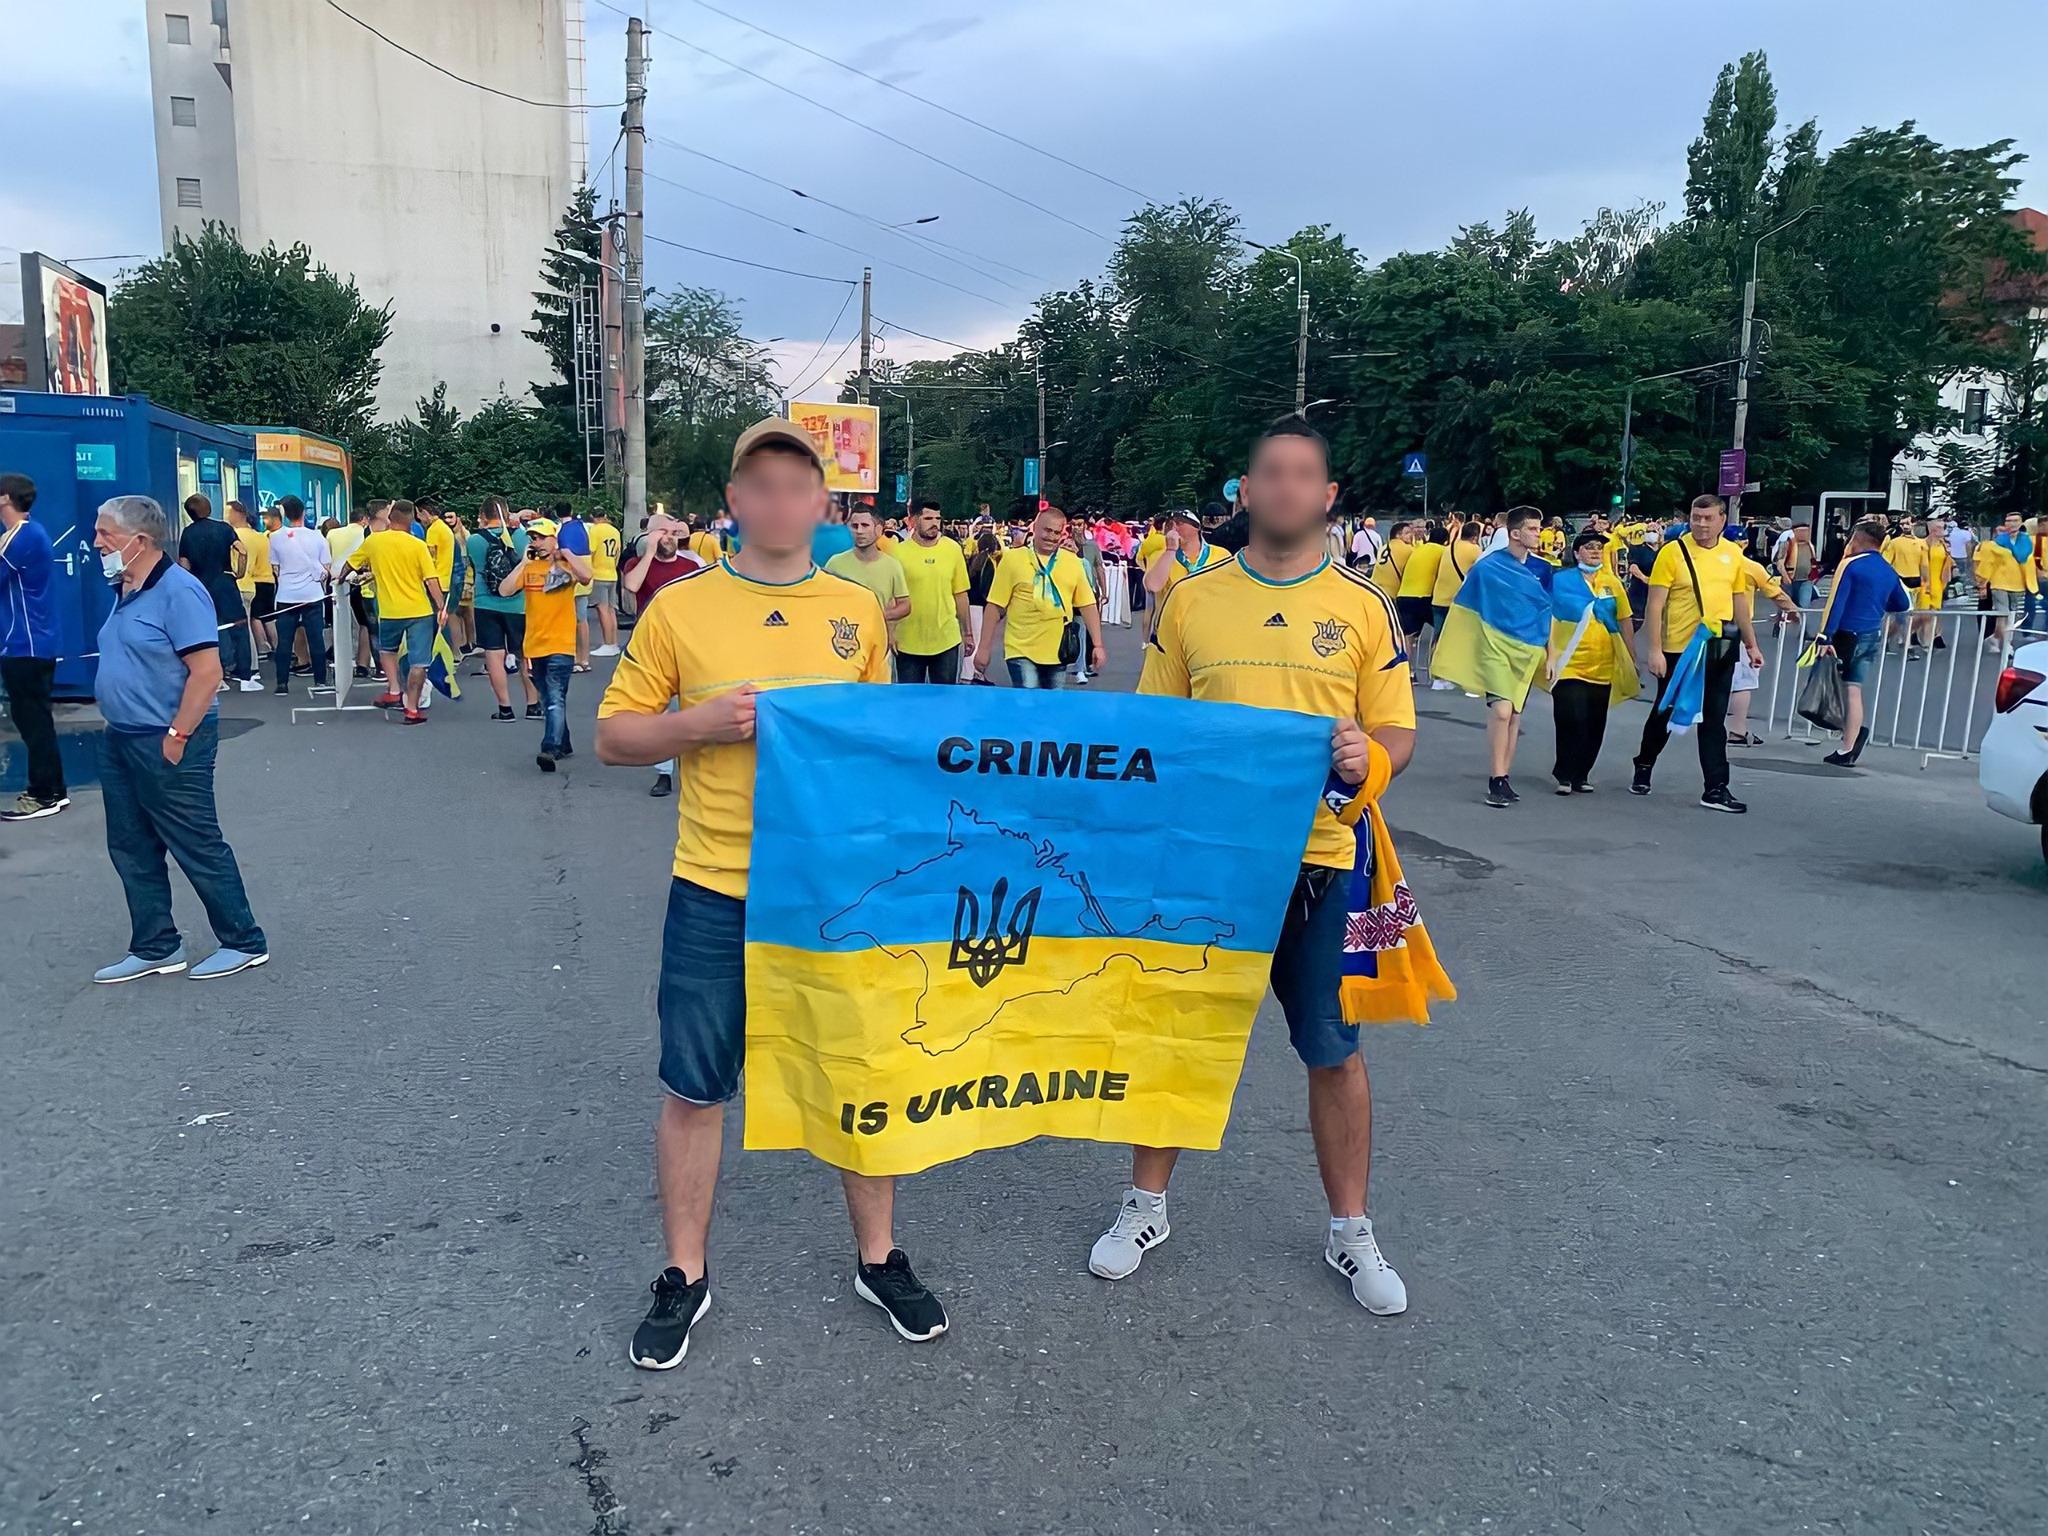 Политические скандалы вокруг украинского Крыма на Евро-2020 не утихают: кто отличился на этот раз - фото 2